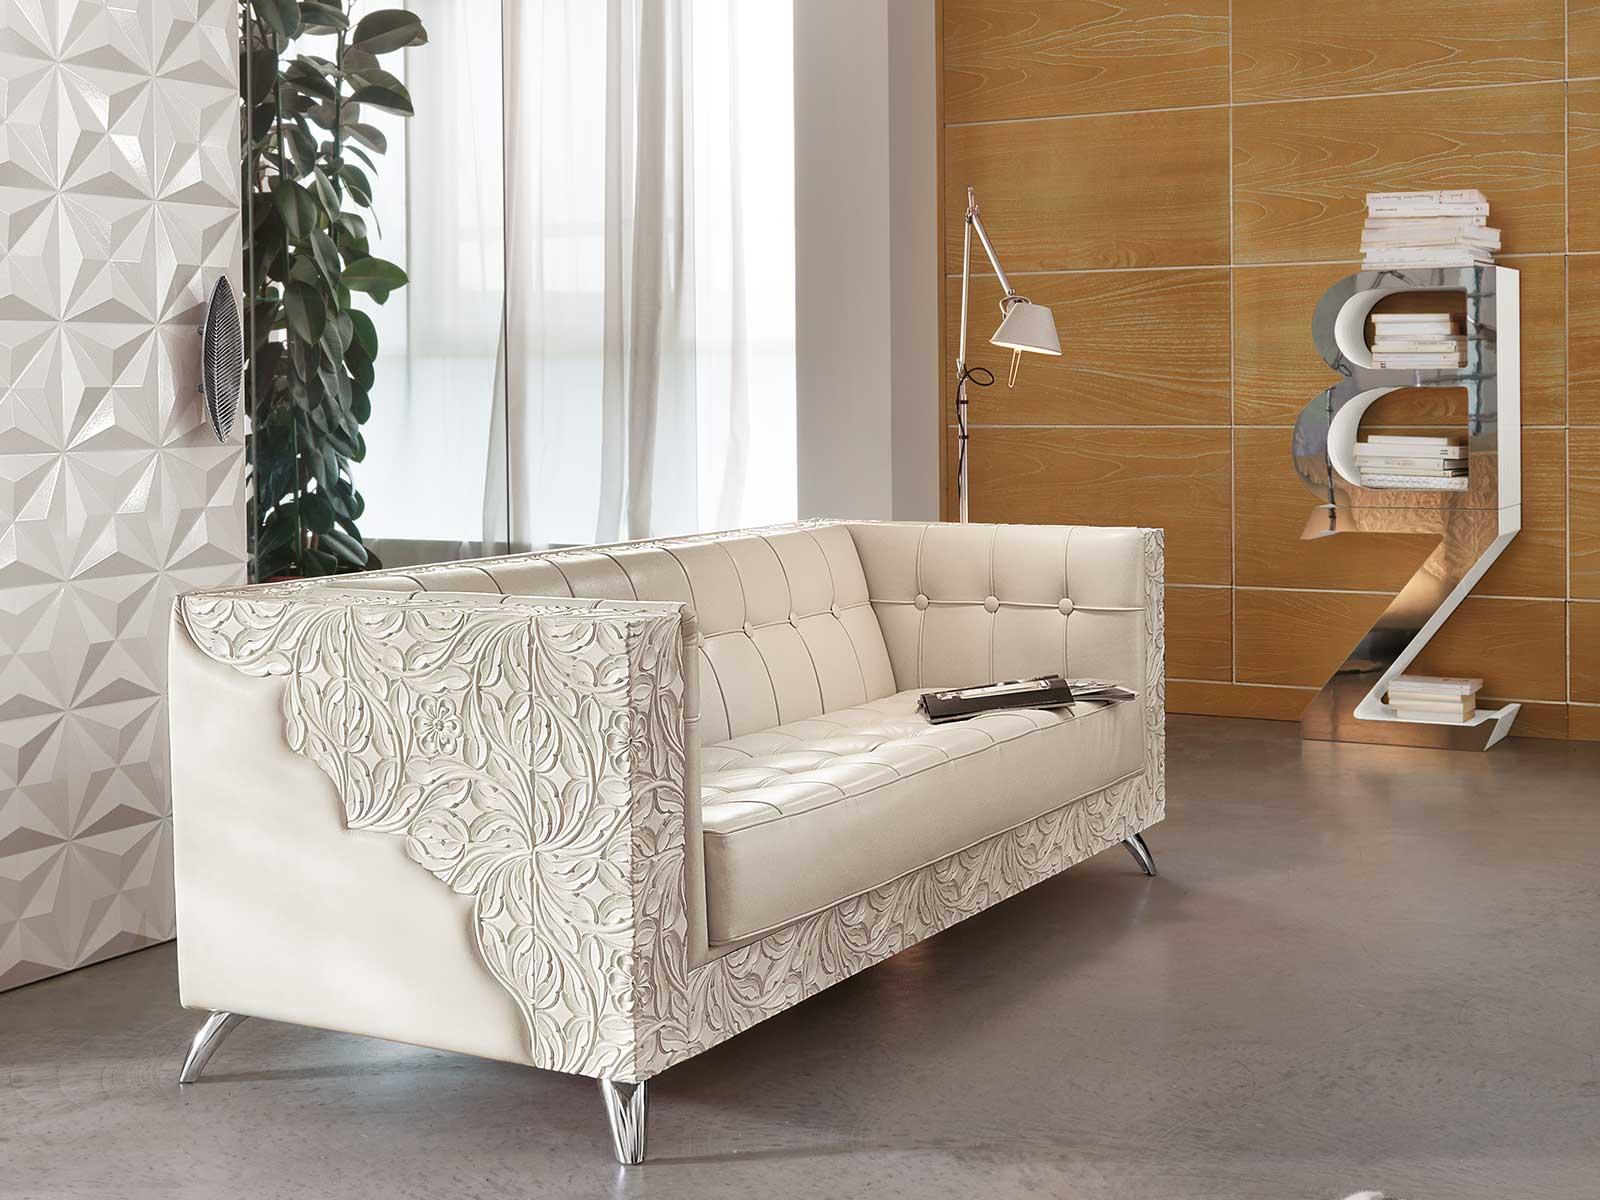 Bizzotto Italia Italian Sensations Collezioni Sofa Set  # Muebles Bizzotto